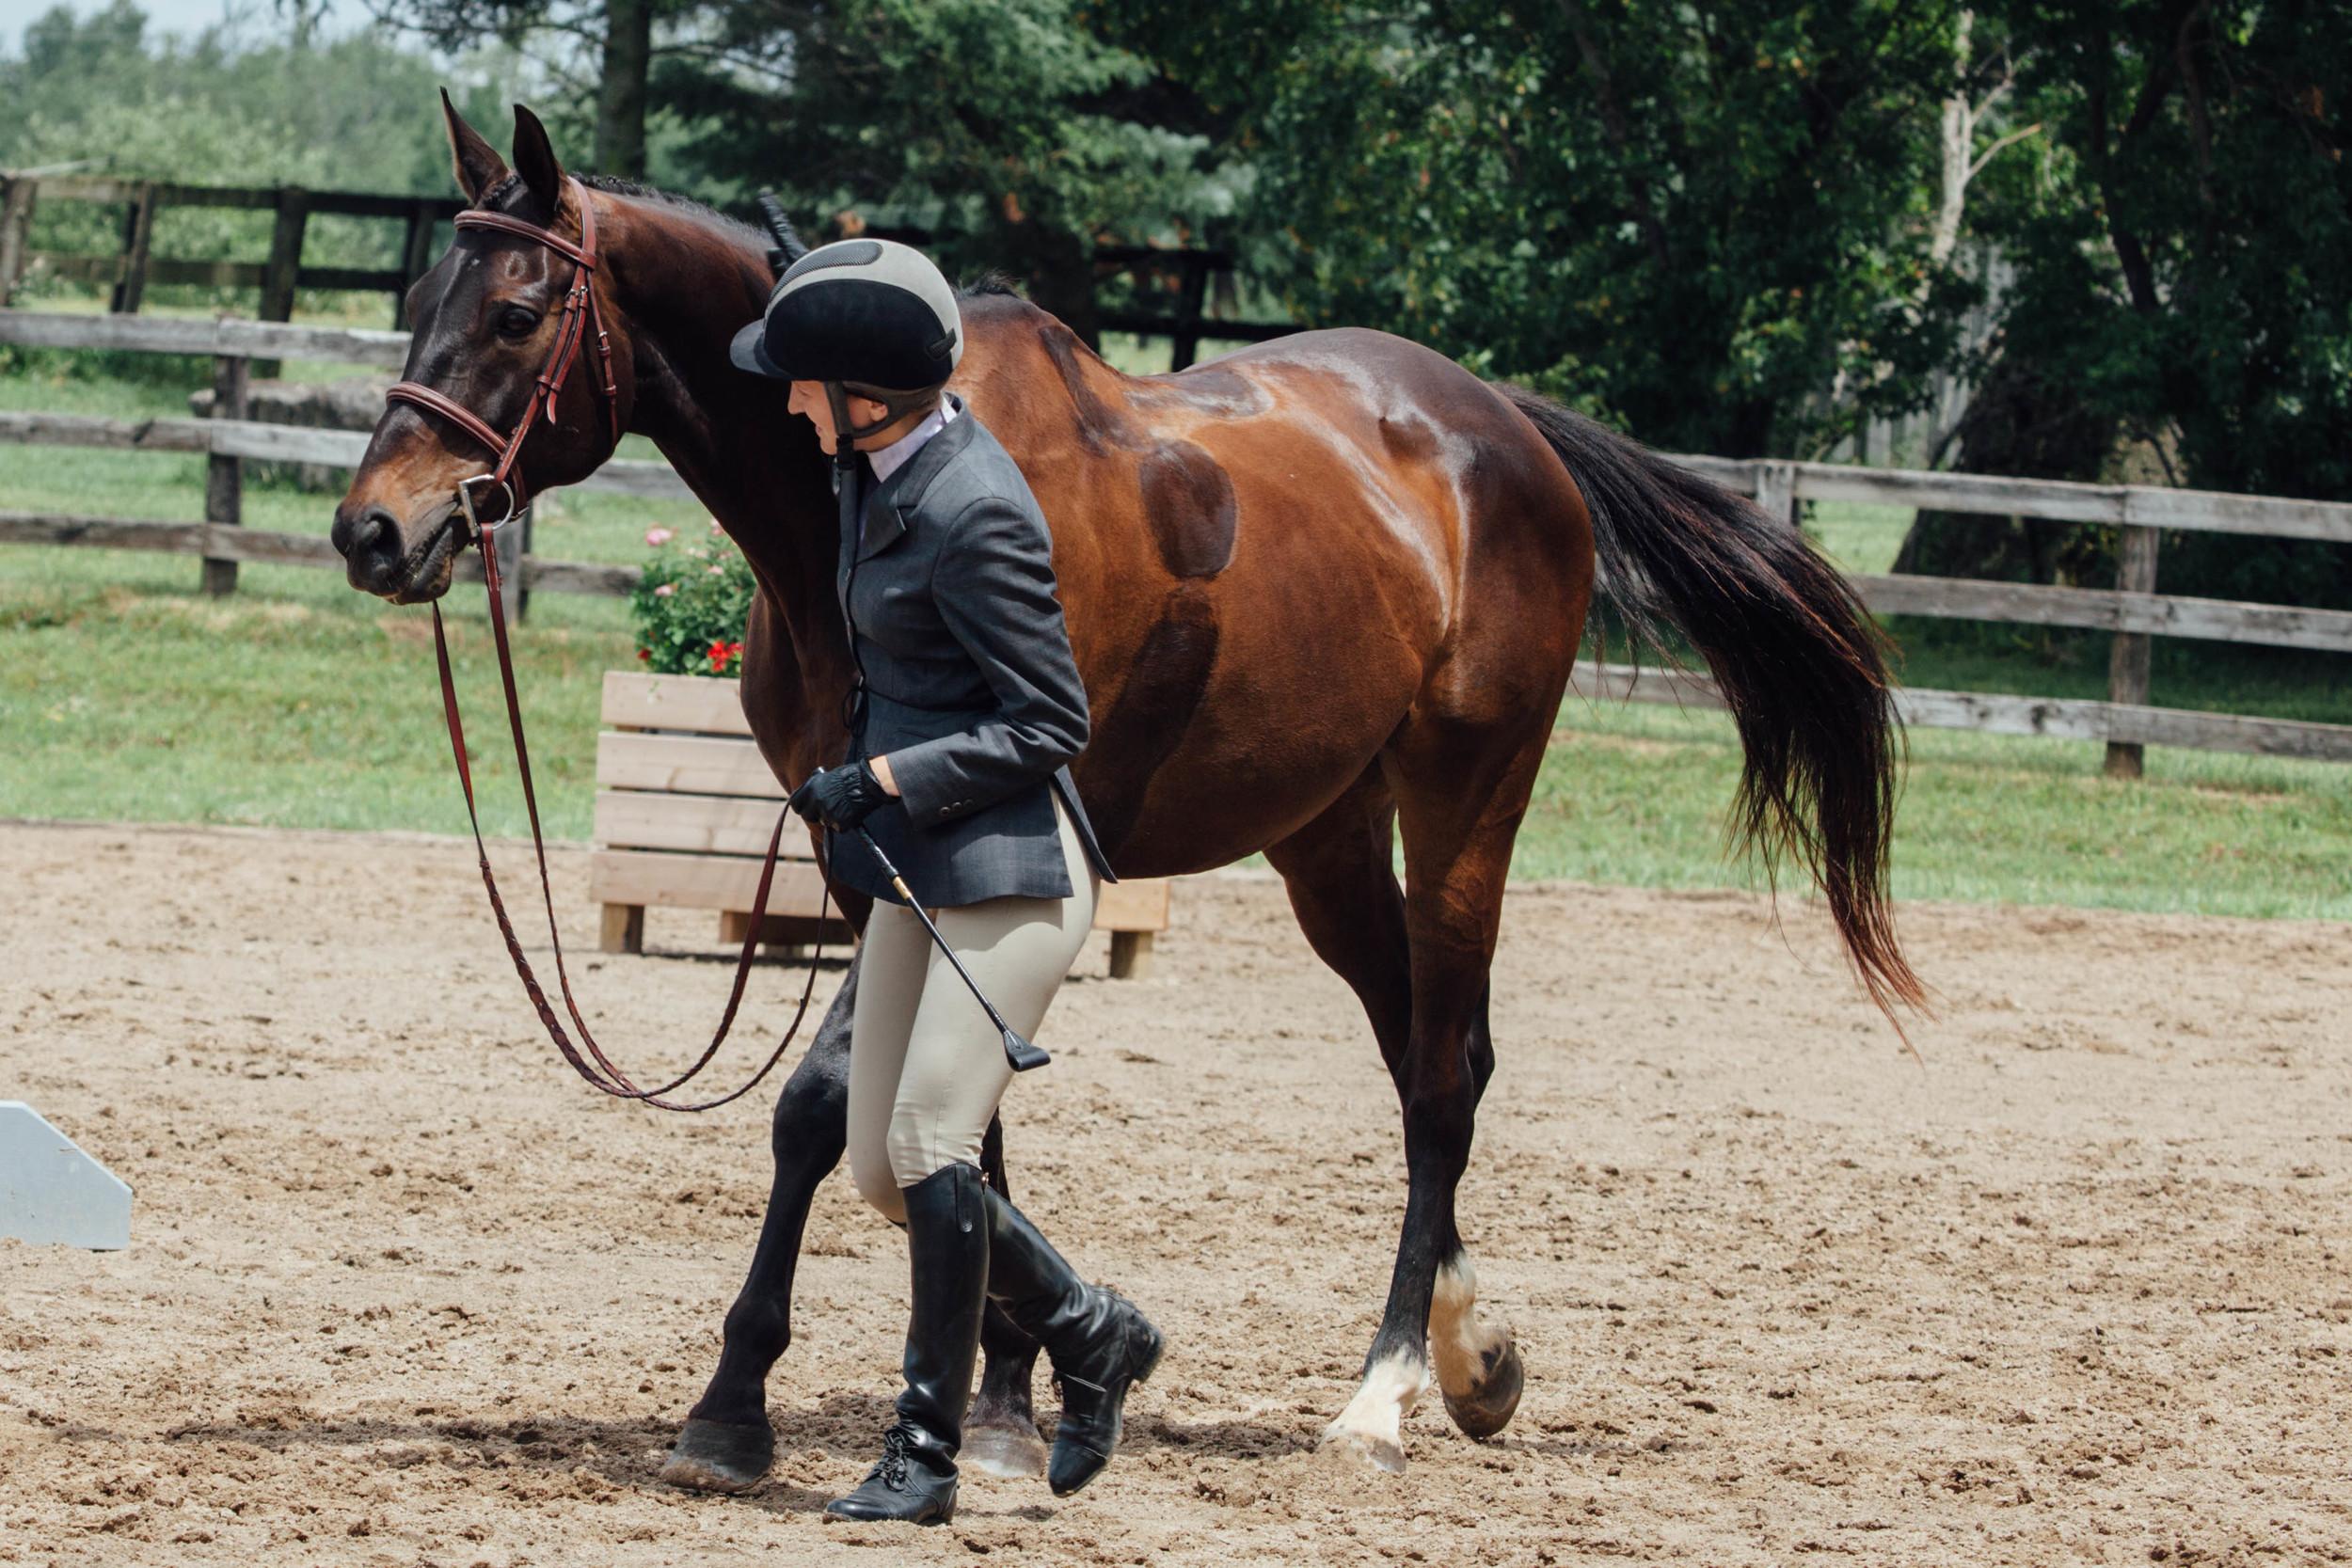 vsco edit horse show-7.jpg